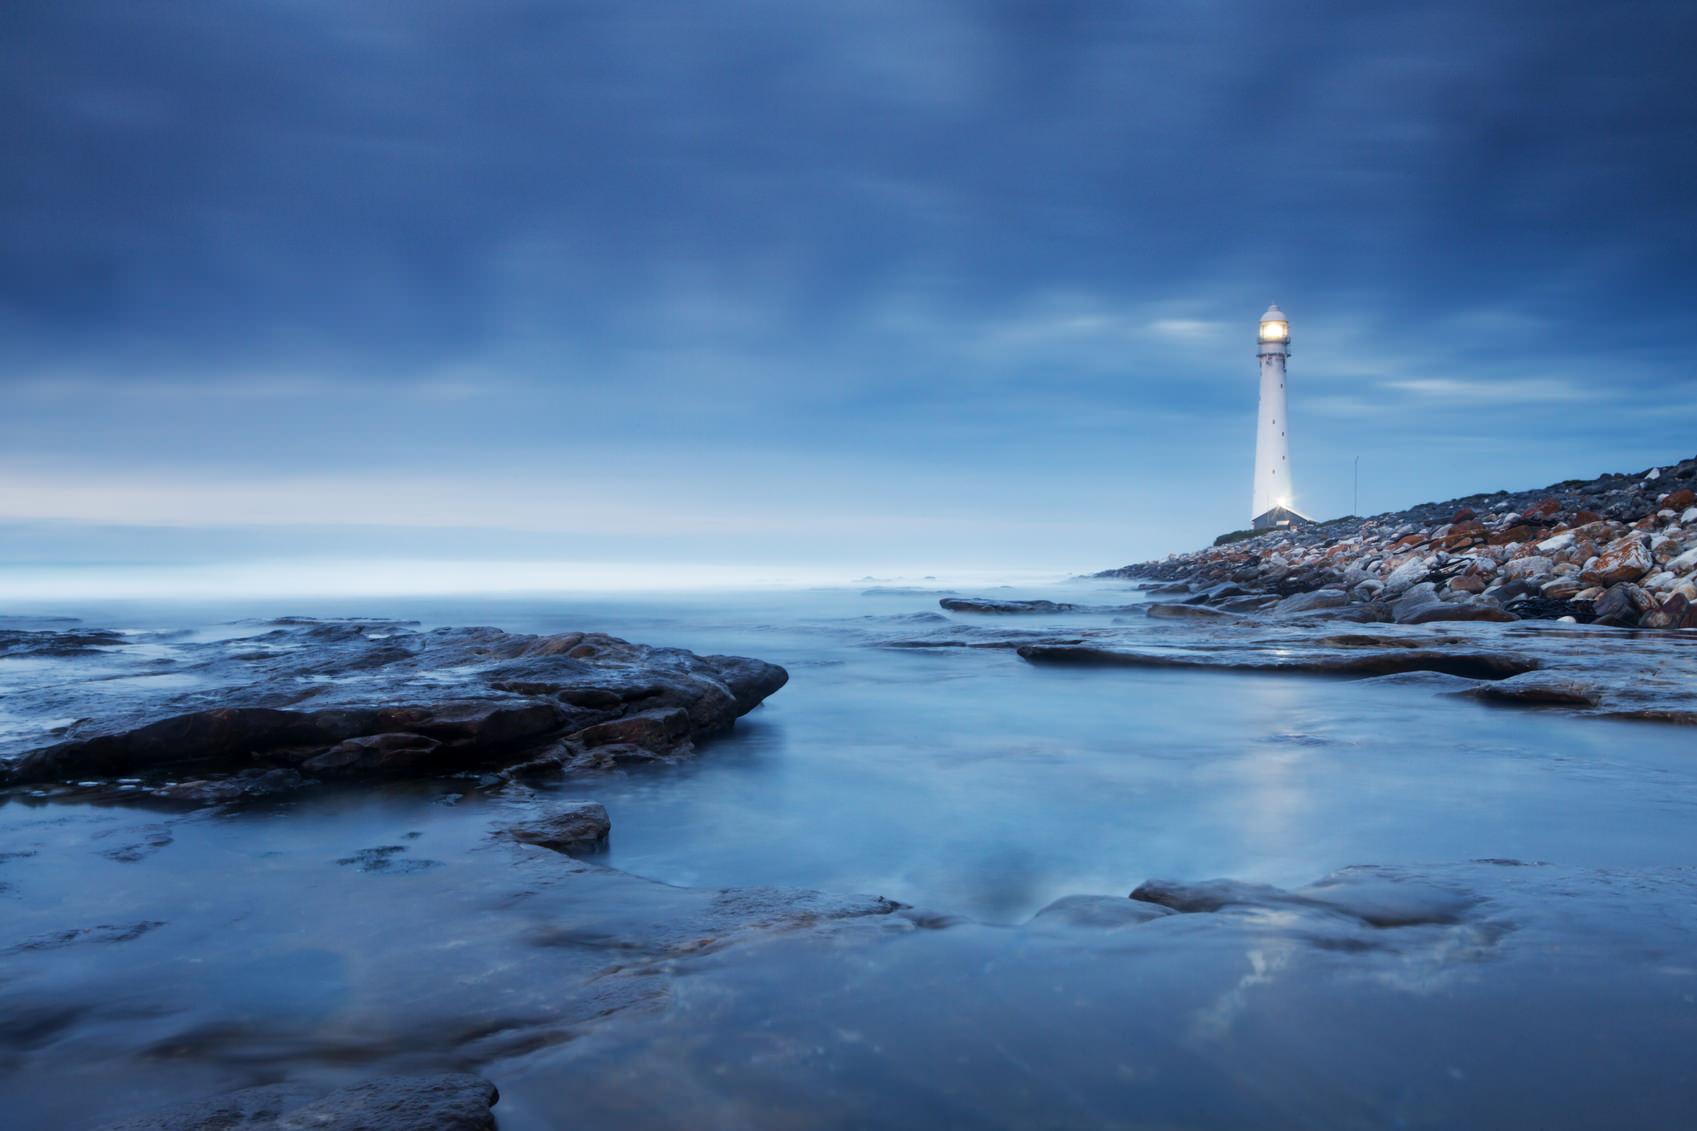 Aggiungi interesse alla tua fotografia di paesaggio scattando durante l'ora blu